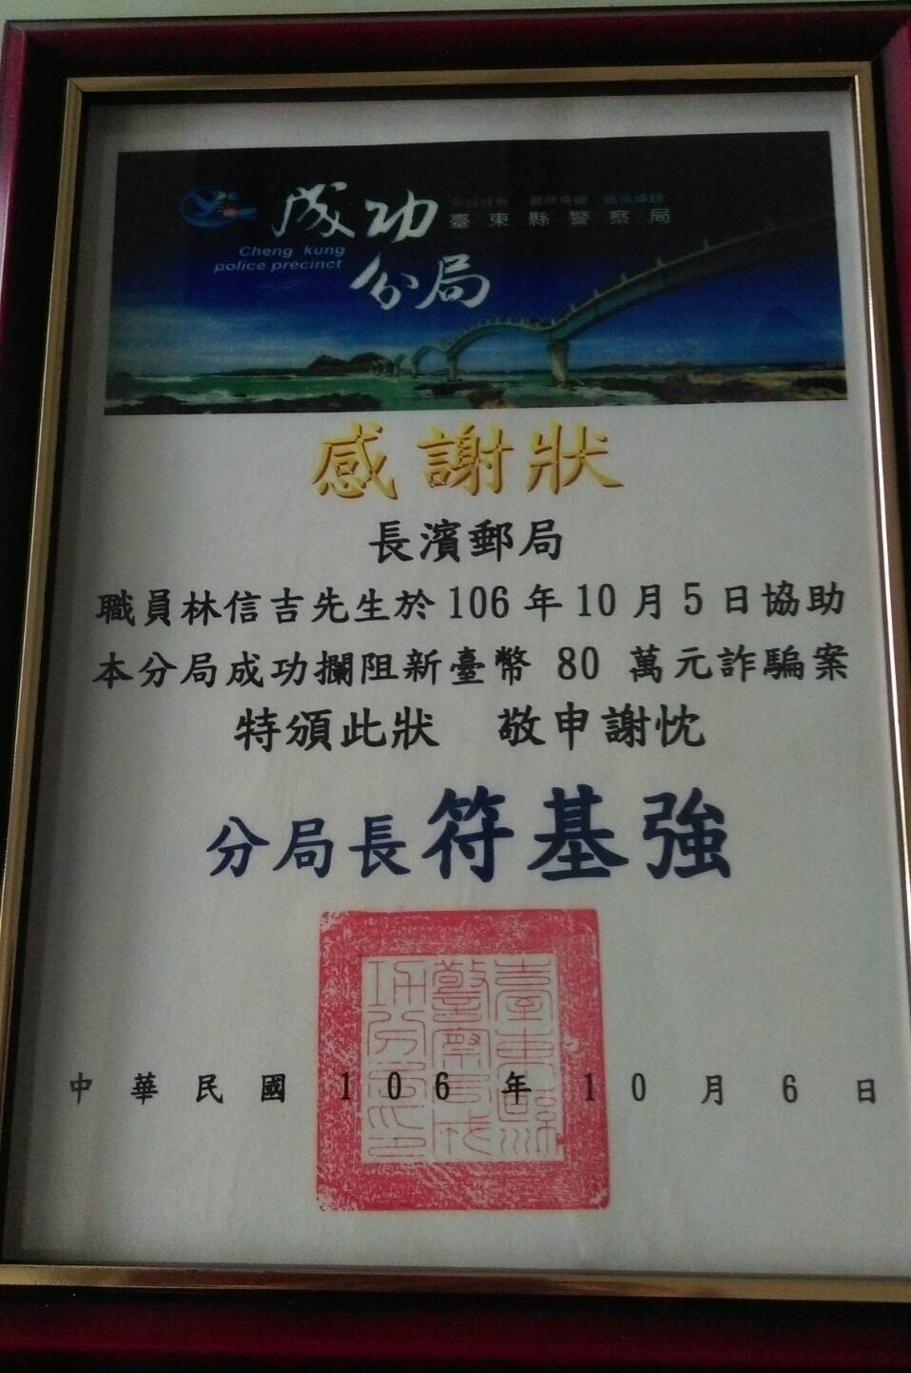 長濱郵局防詐成功